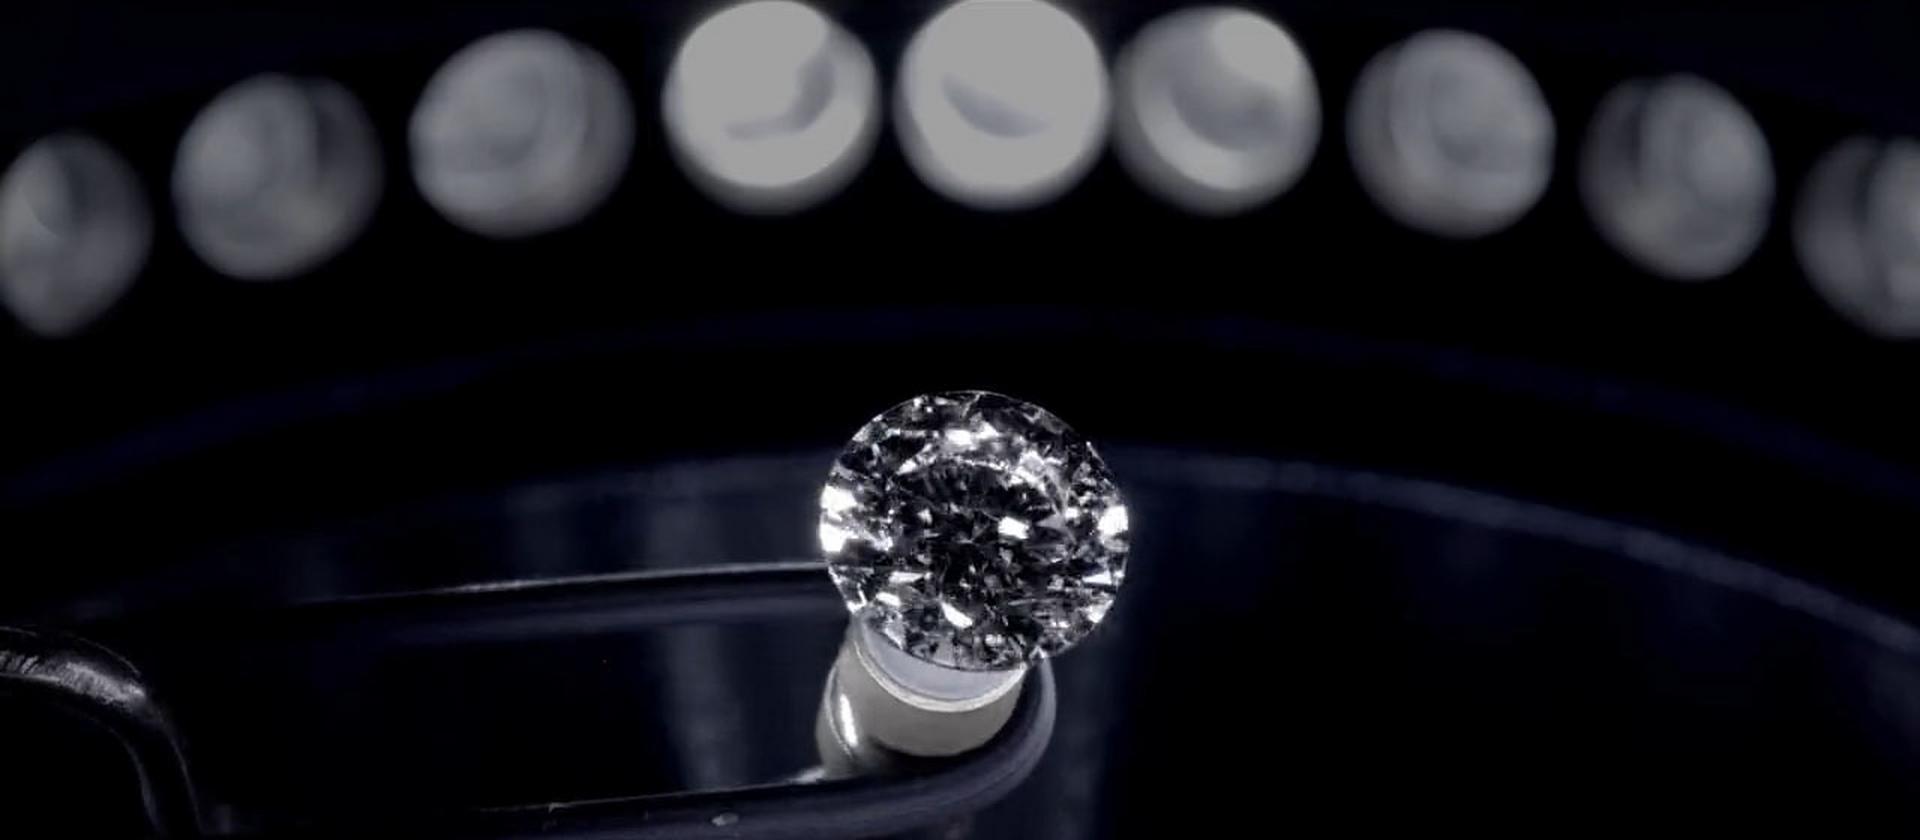 Diamenty z laboratorium są już dostępne w Polsce. To naukowe dzieło sztuki